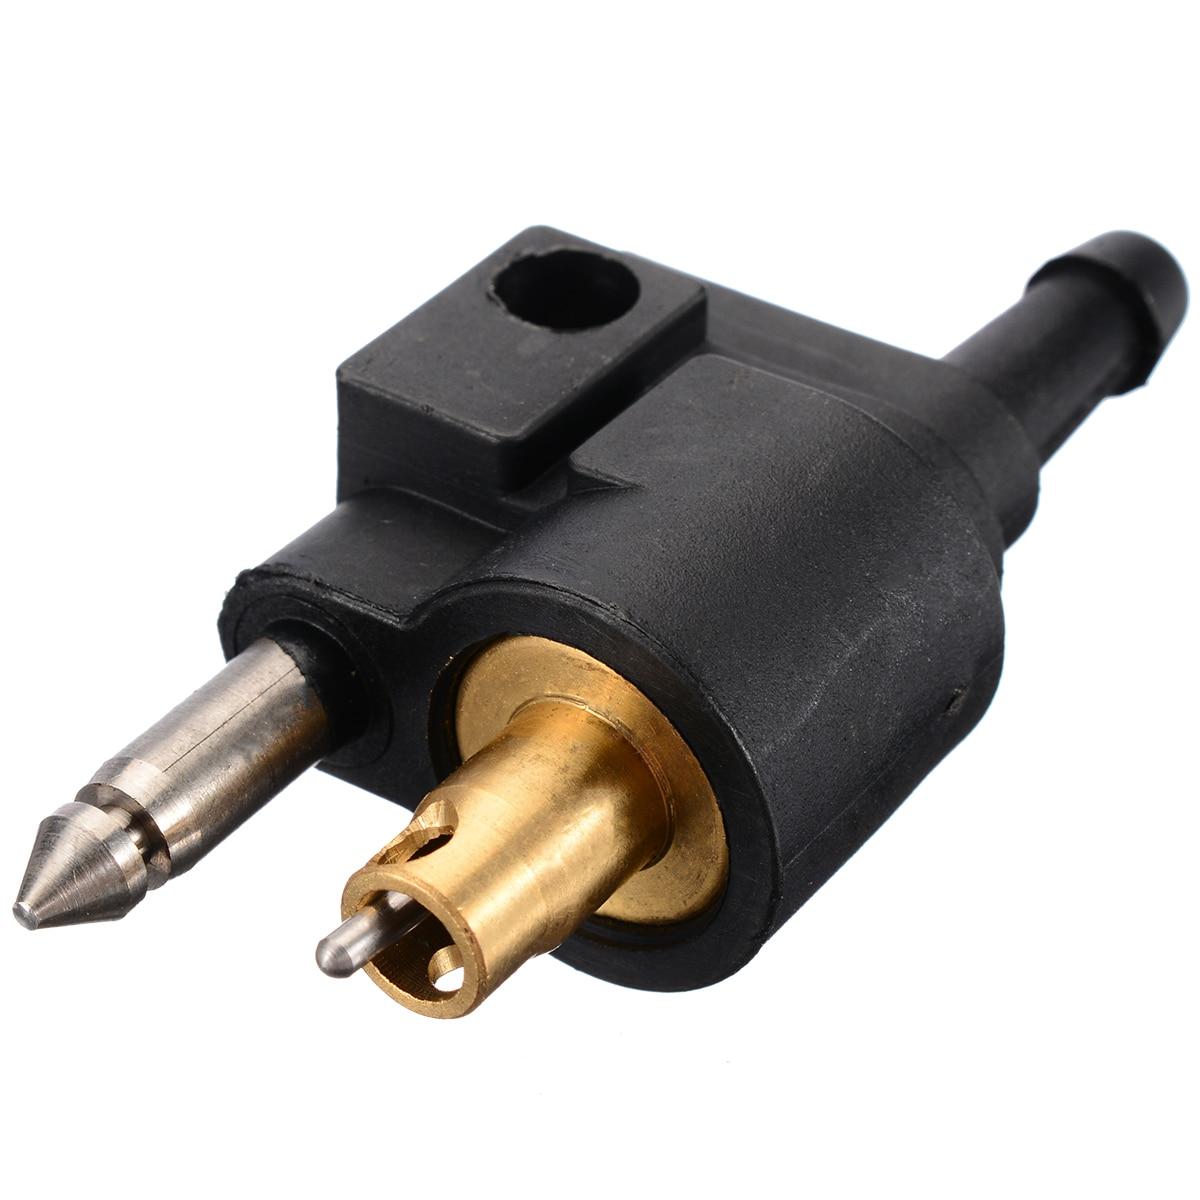 """1/4 """"manguera Motor fueraborda de combustible conector de sedal negro fuera de borda gasolina encaja para Motor fueraborda Yamaha tubo de combustible 6mm"""